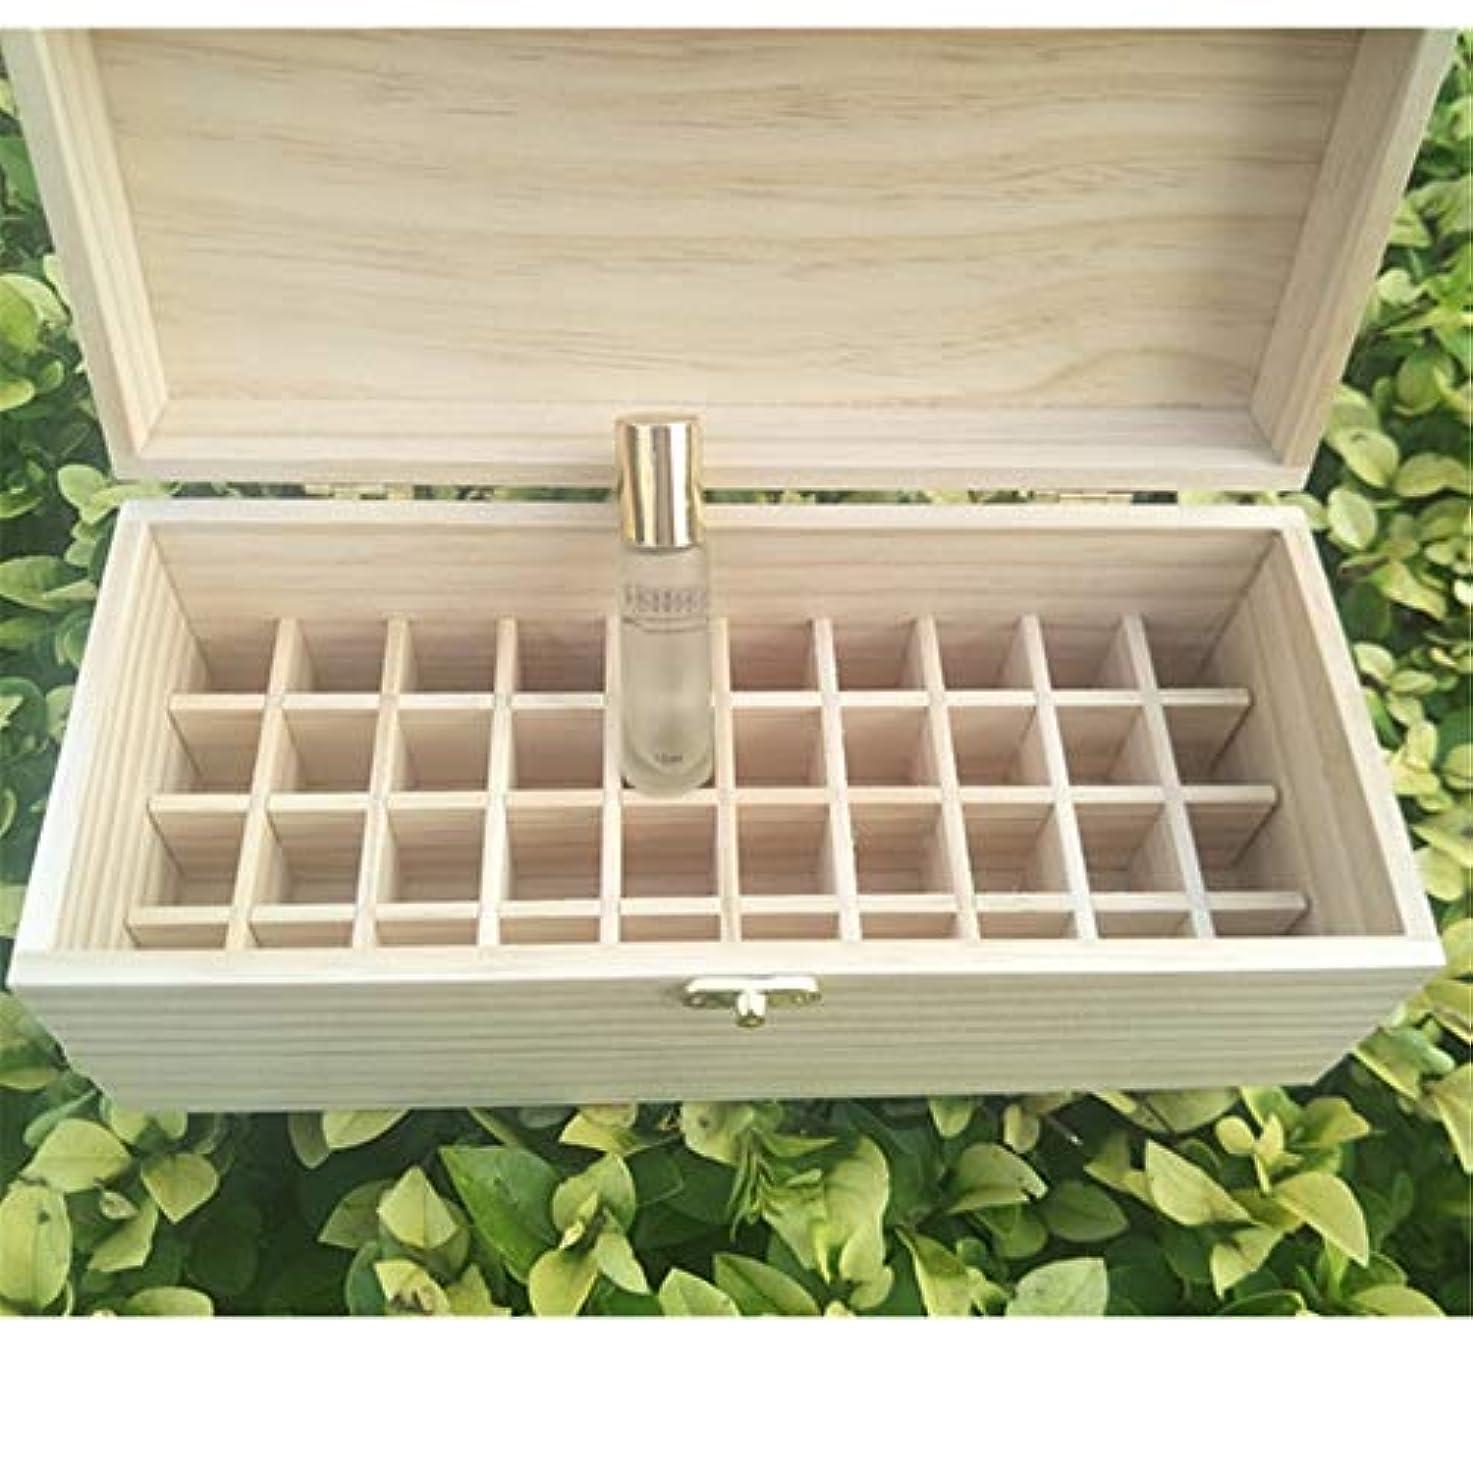 粘土ふざけた素晴らしいです40スロット木製エッセンシャルオイルの収納ボックスは40の10mlの油のボトルを保持します アロマセラピー製品 (色 : Natural, サイズ : 27X11.5X10.3CM)